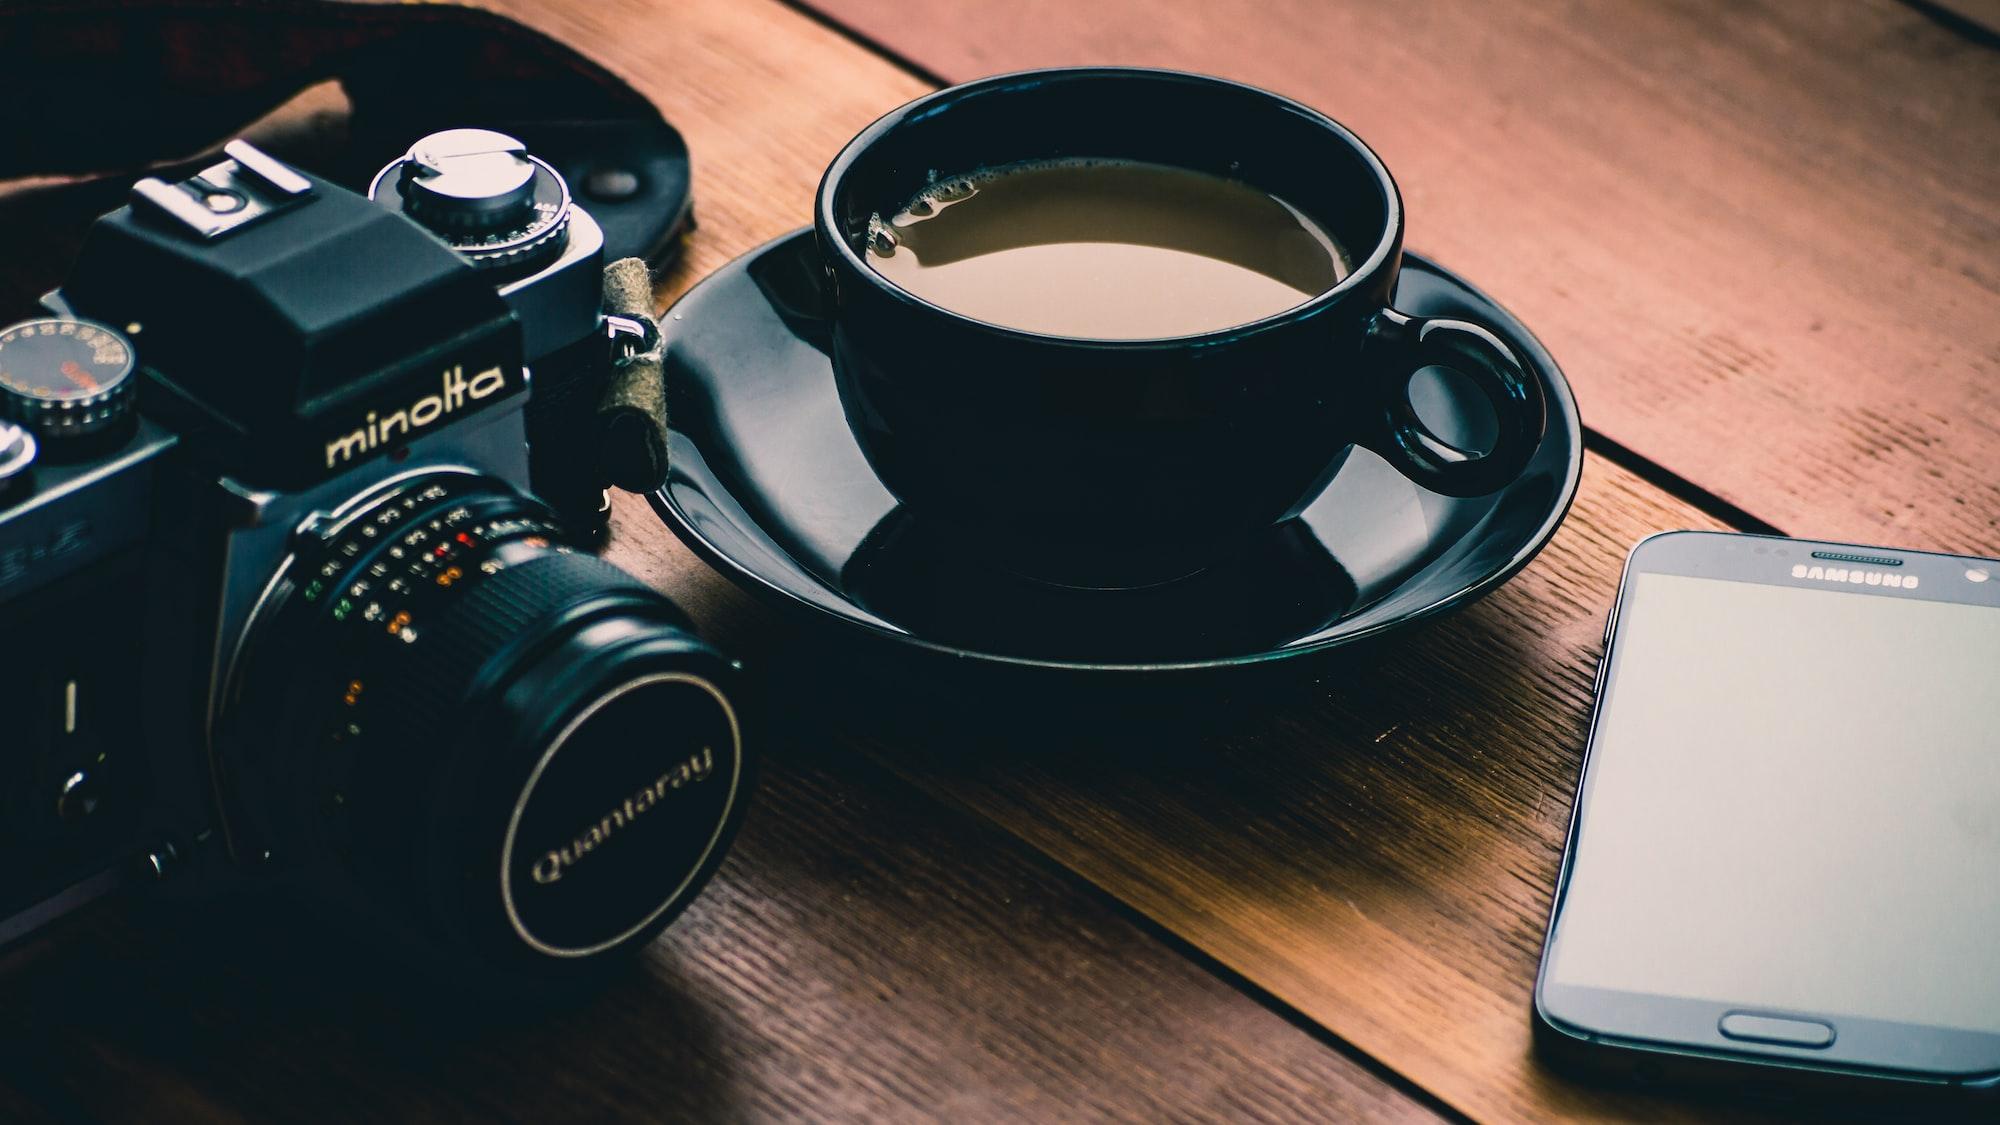 Samsung aims to develop a camera sensor of 600 megapixels!